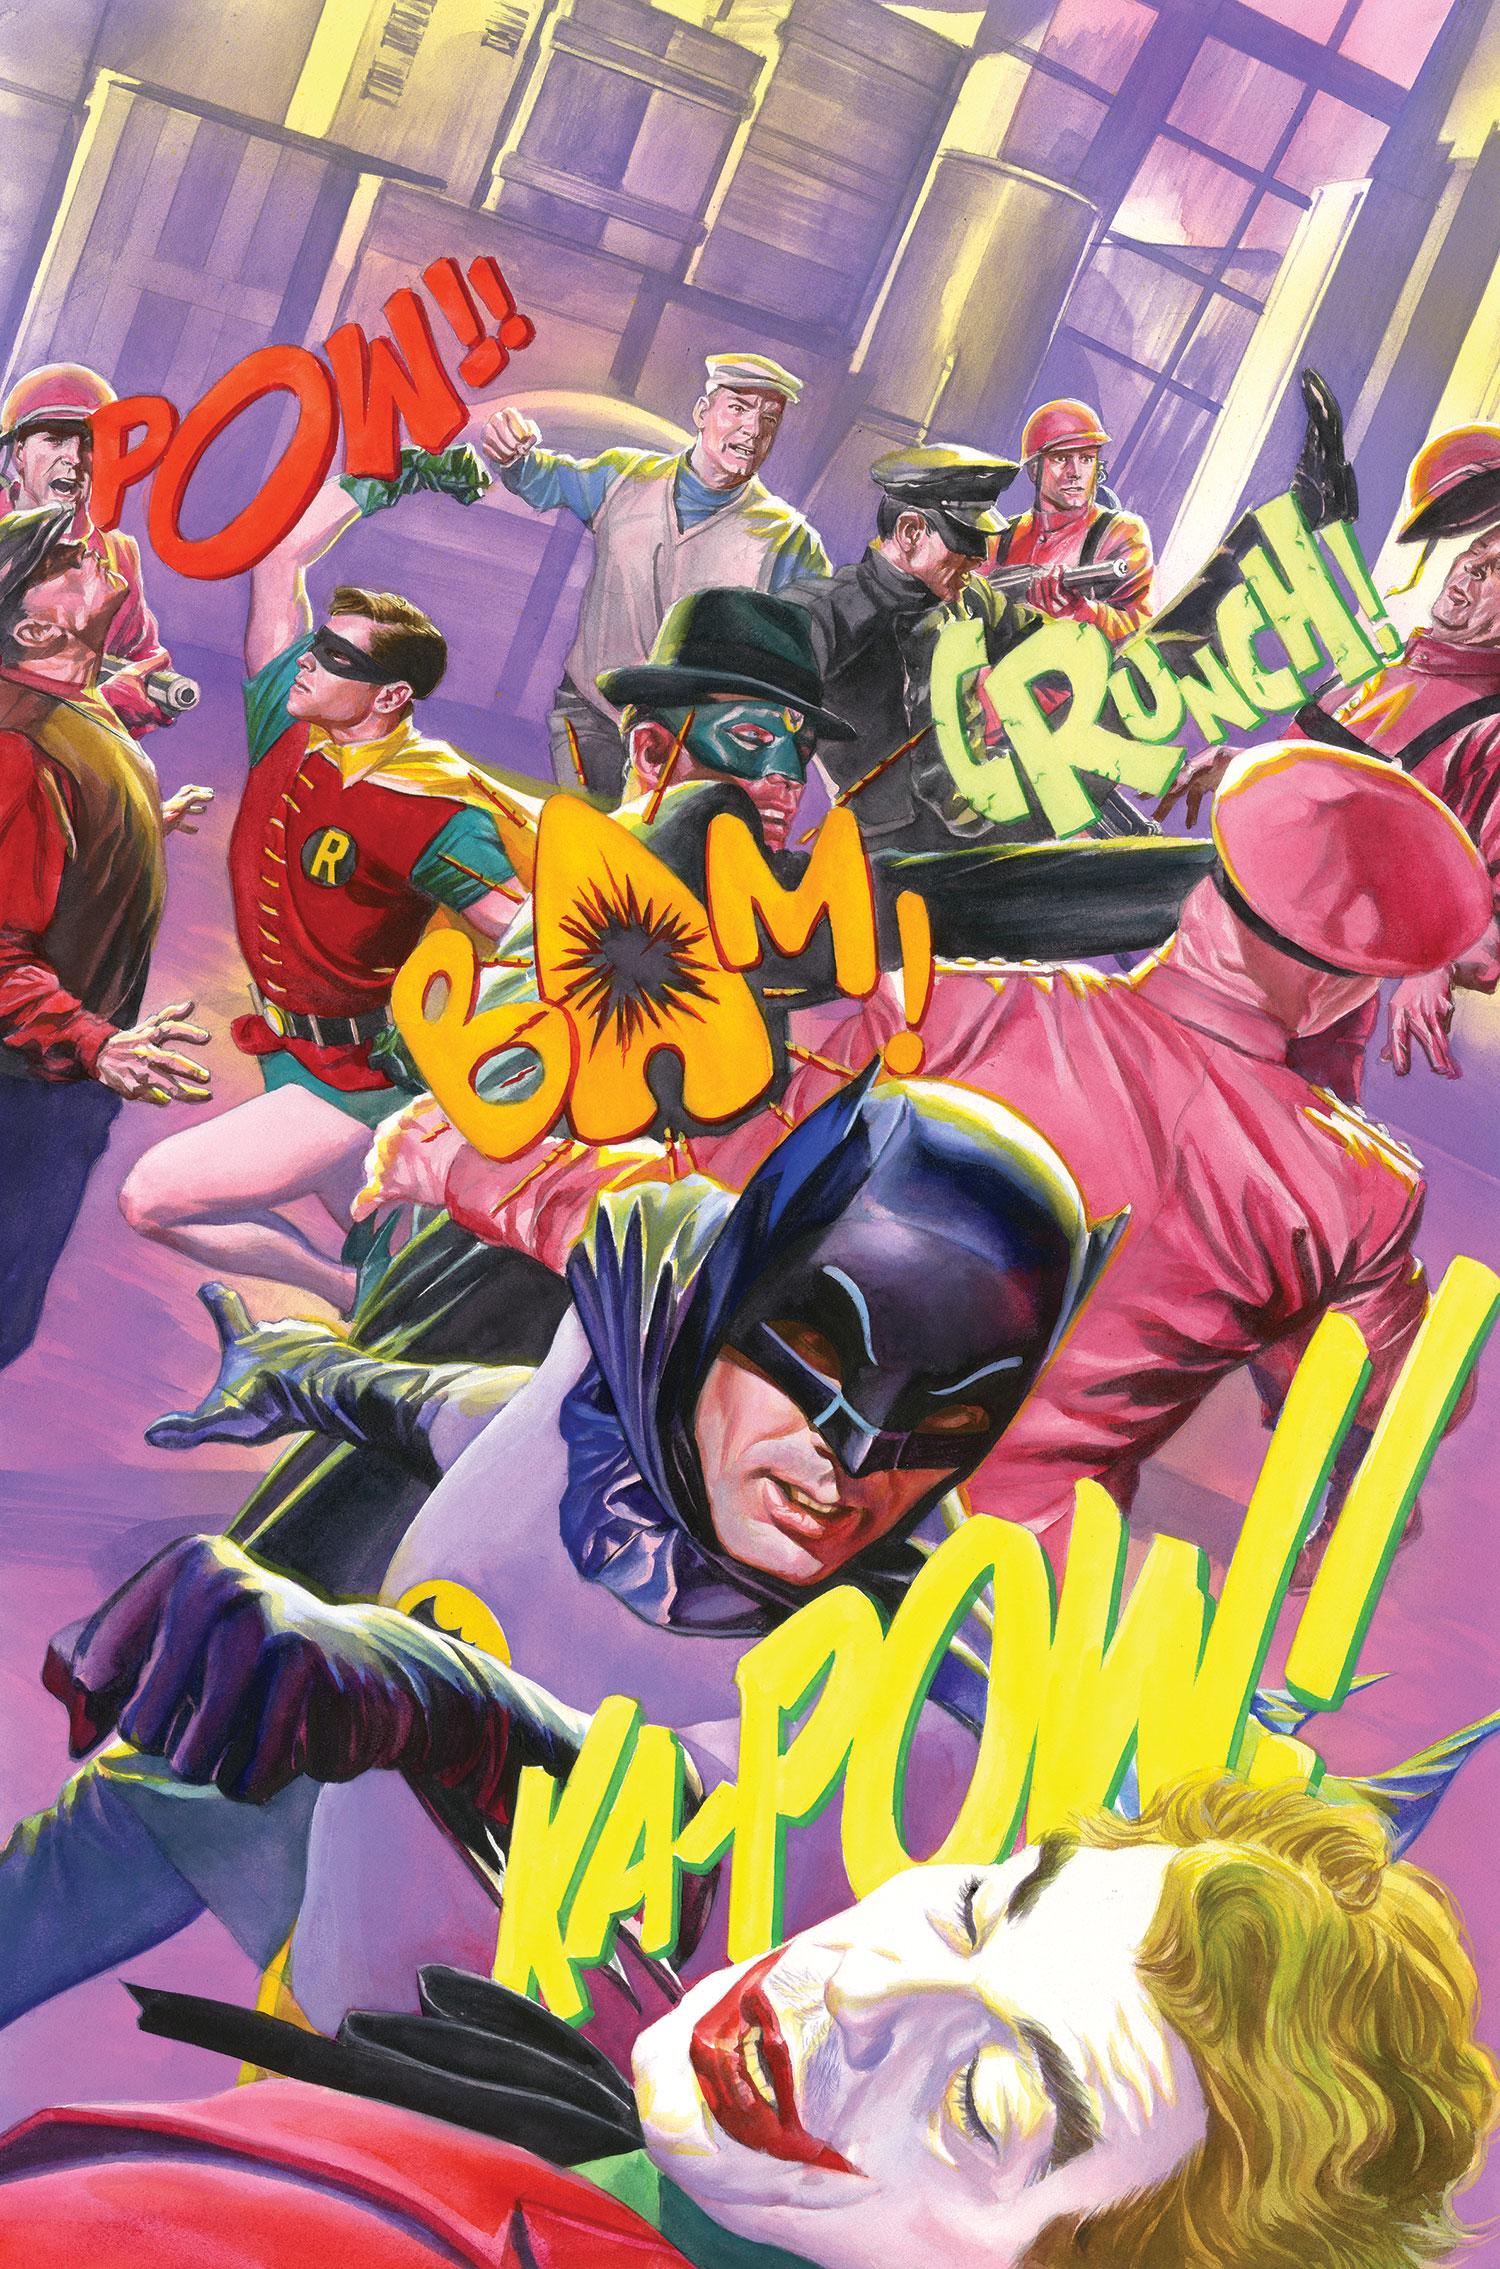 Batman vs robin joker latino dating 4